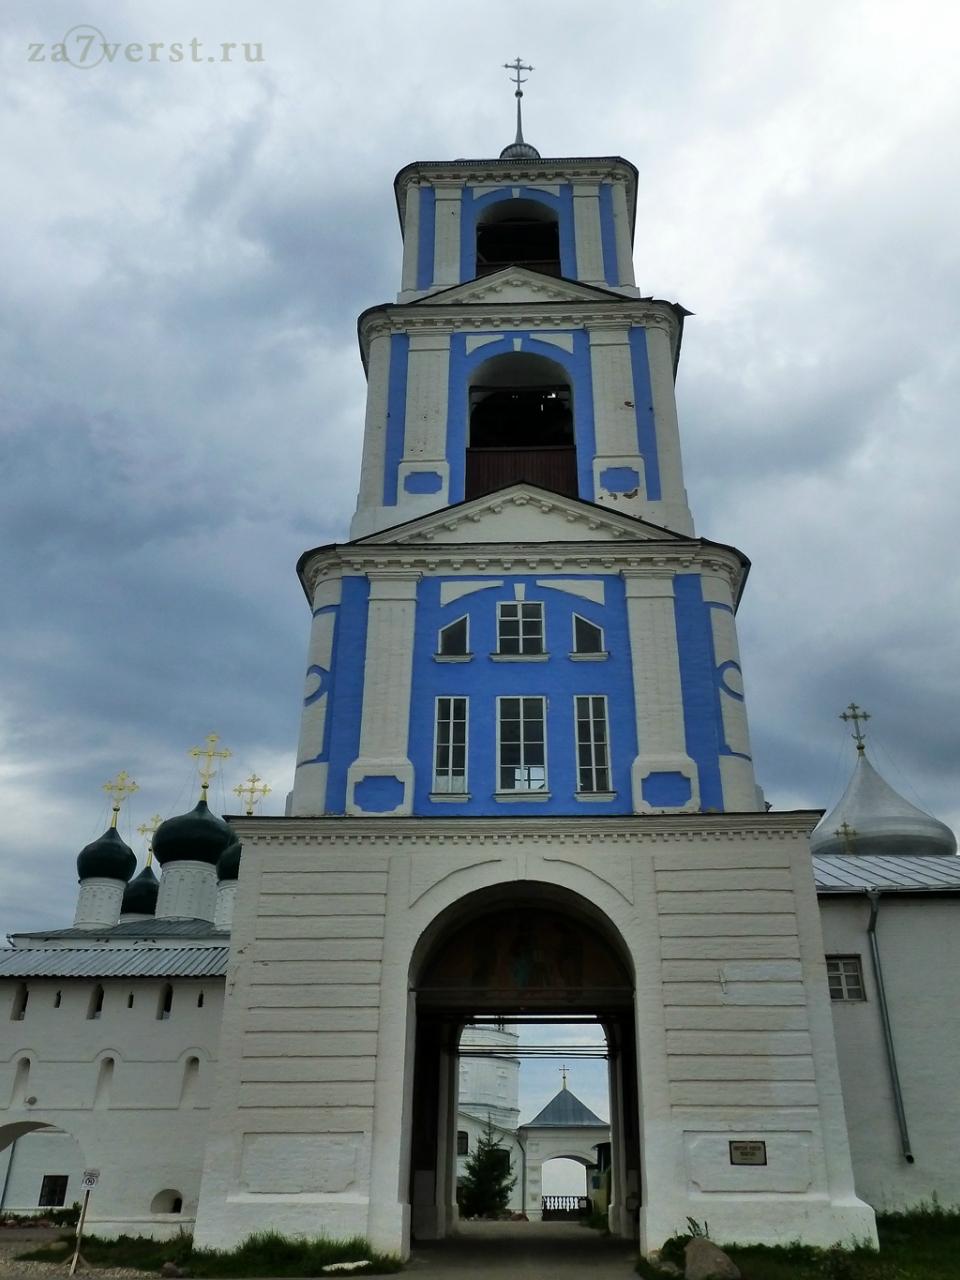 Колокольня Никитского монастыря